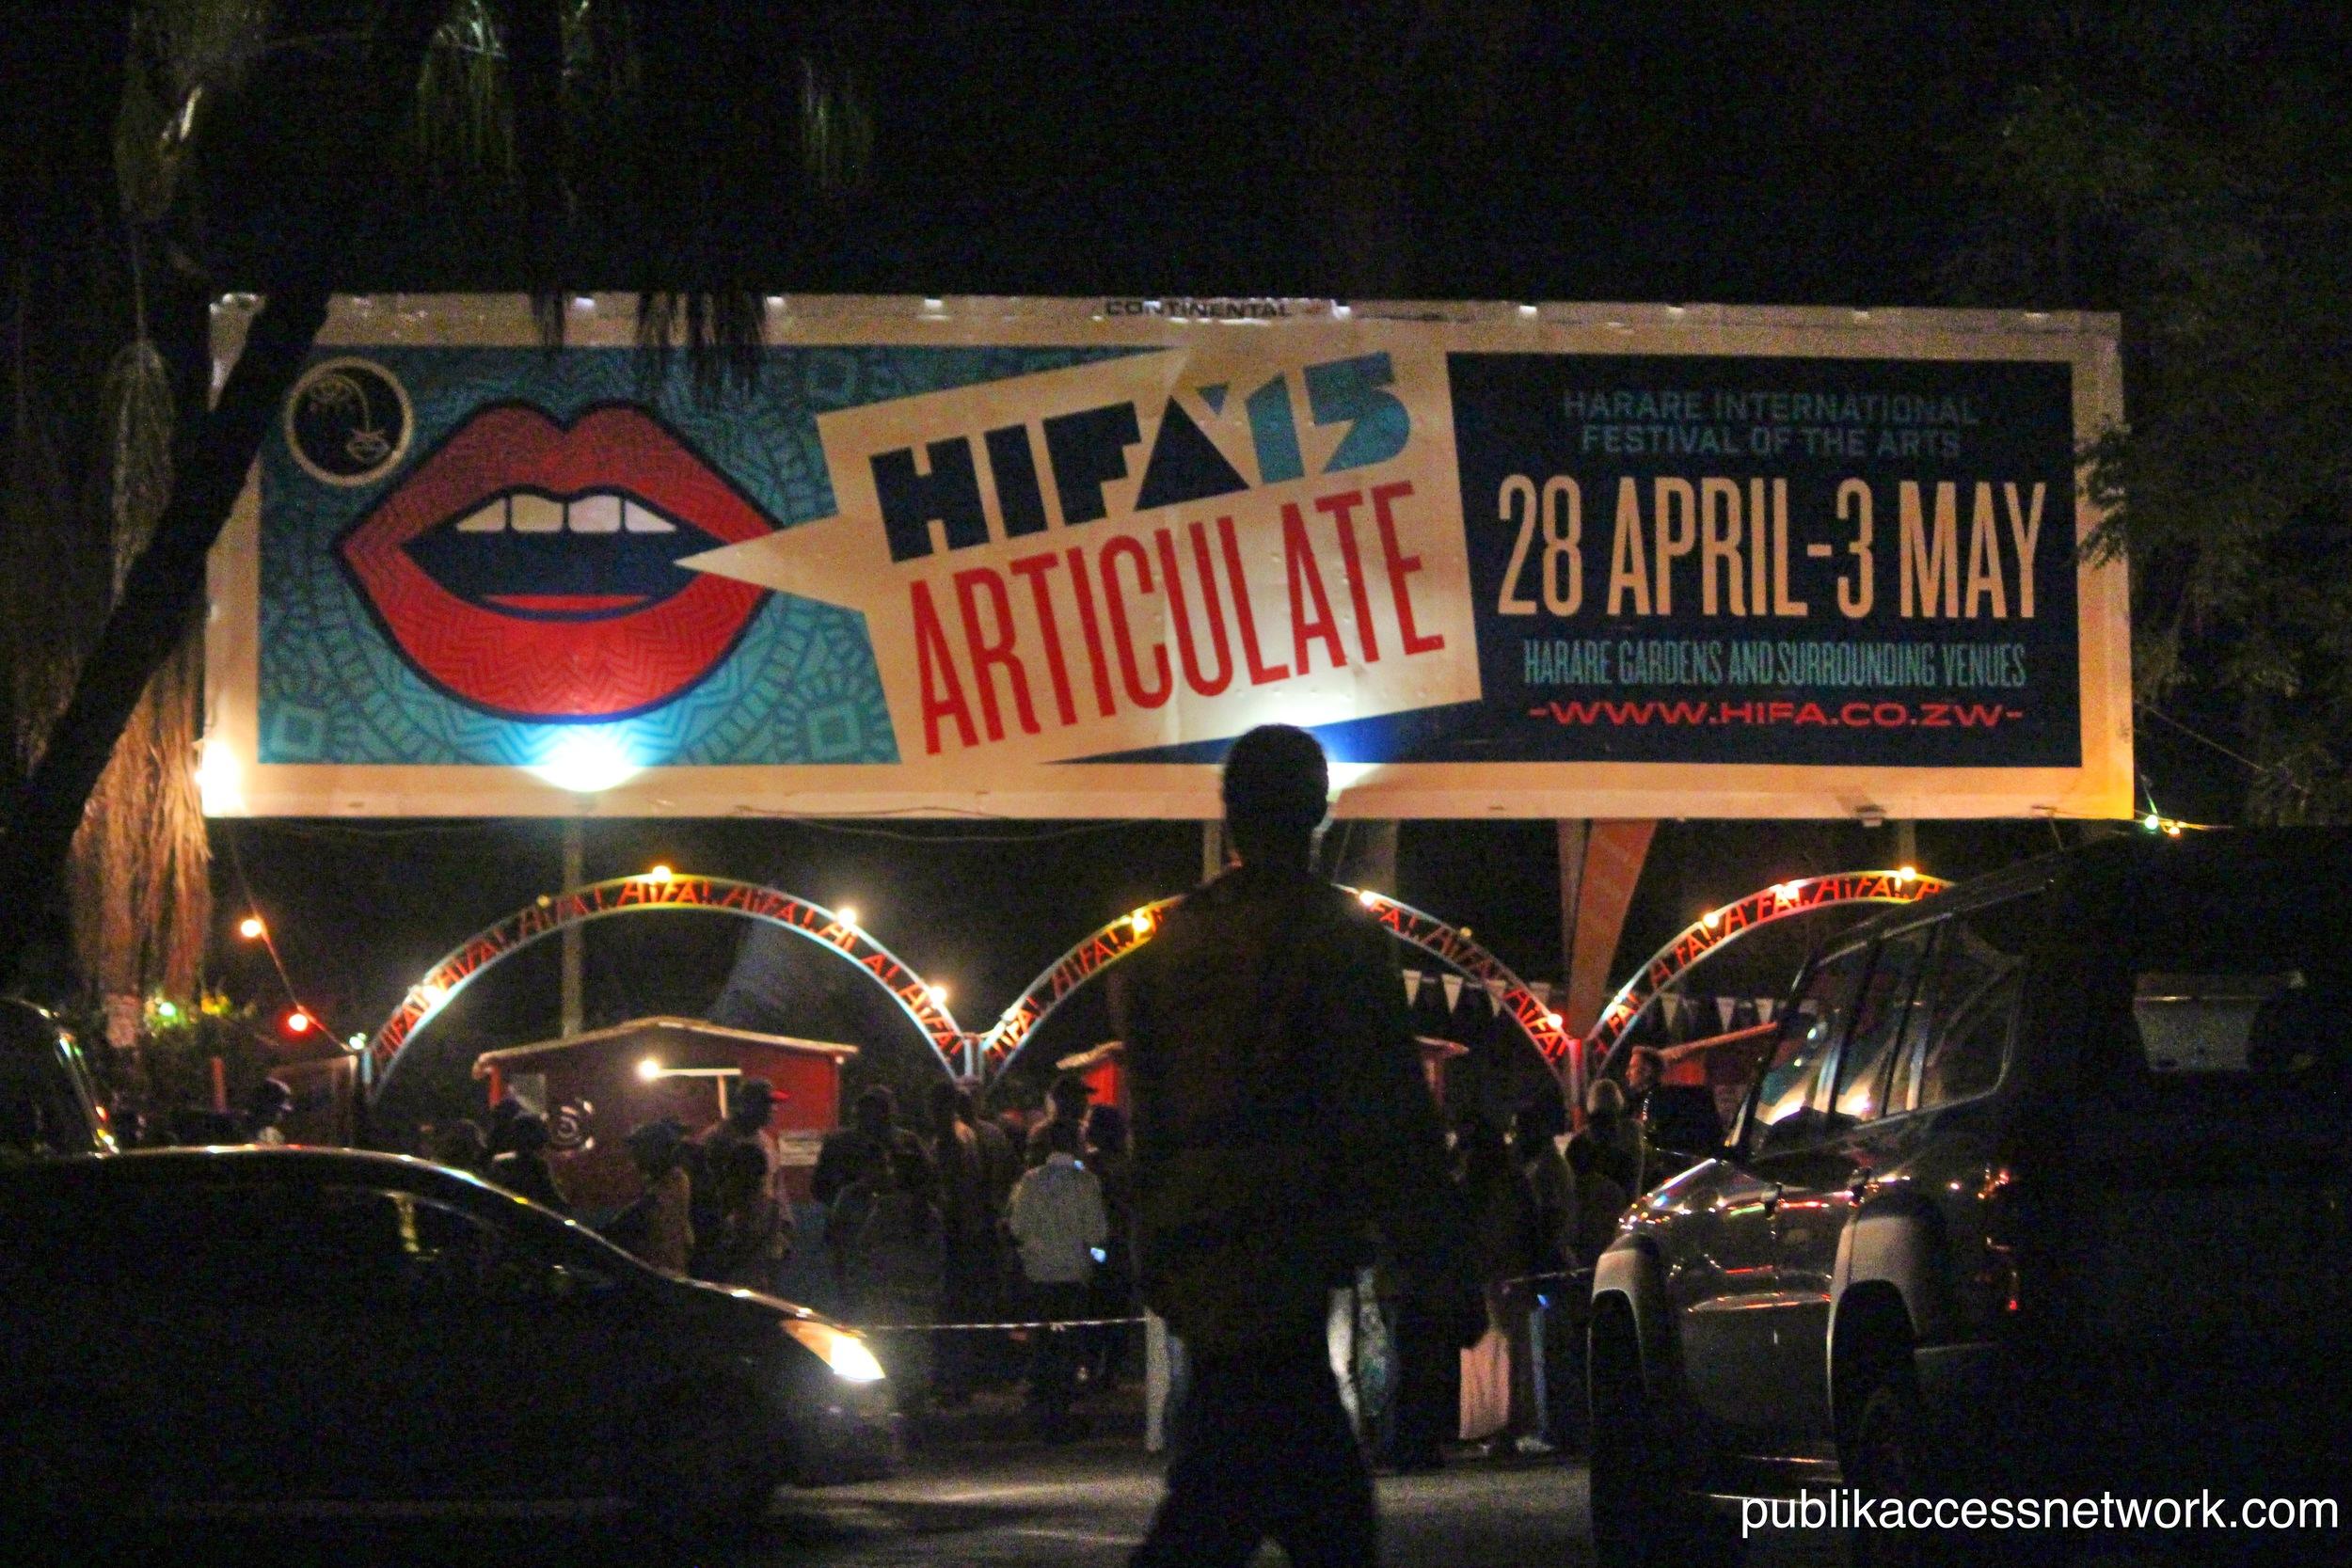 The main entrance to Hifa 2015